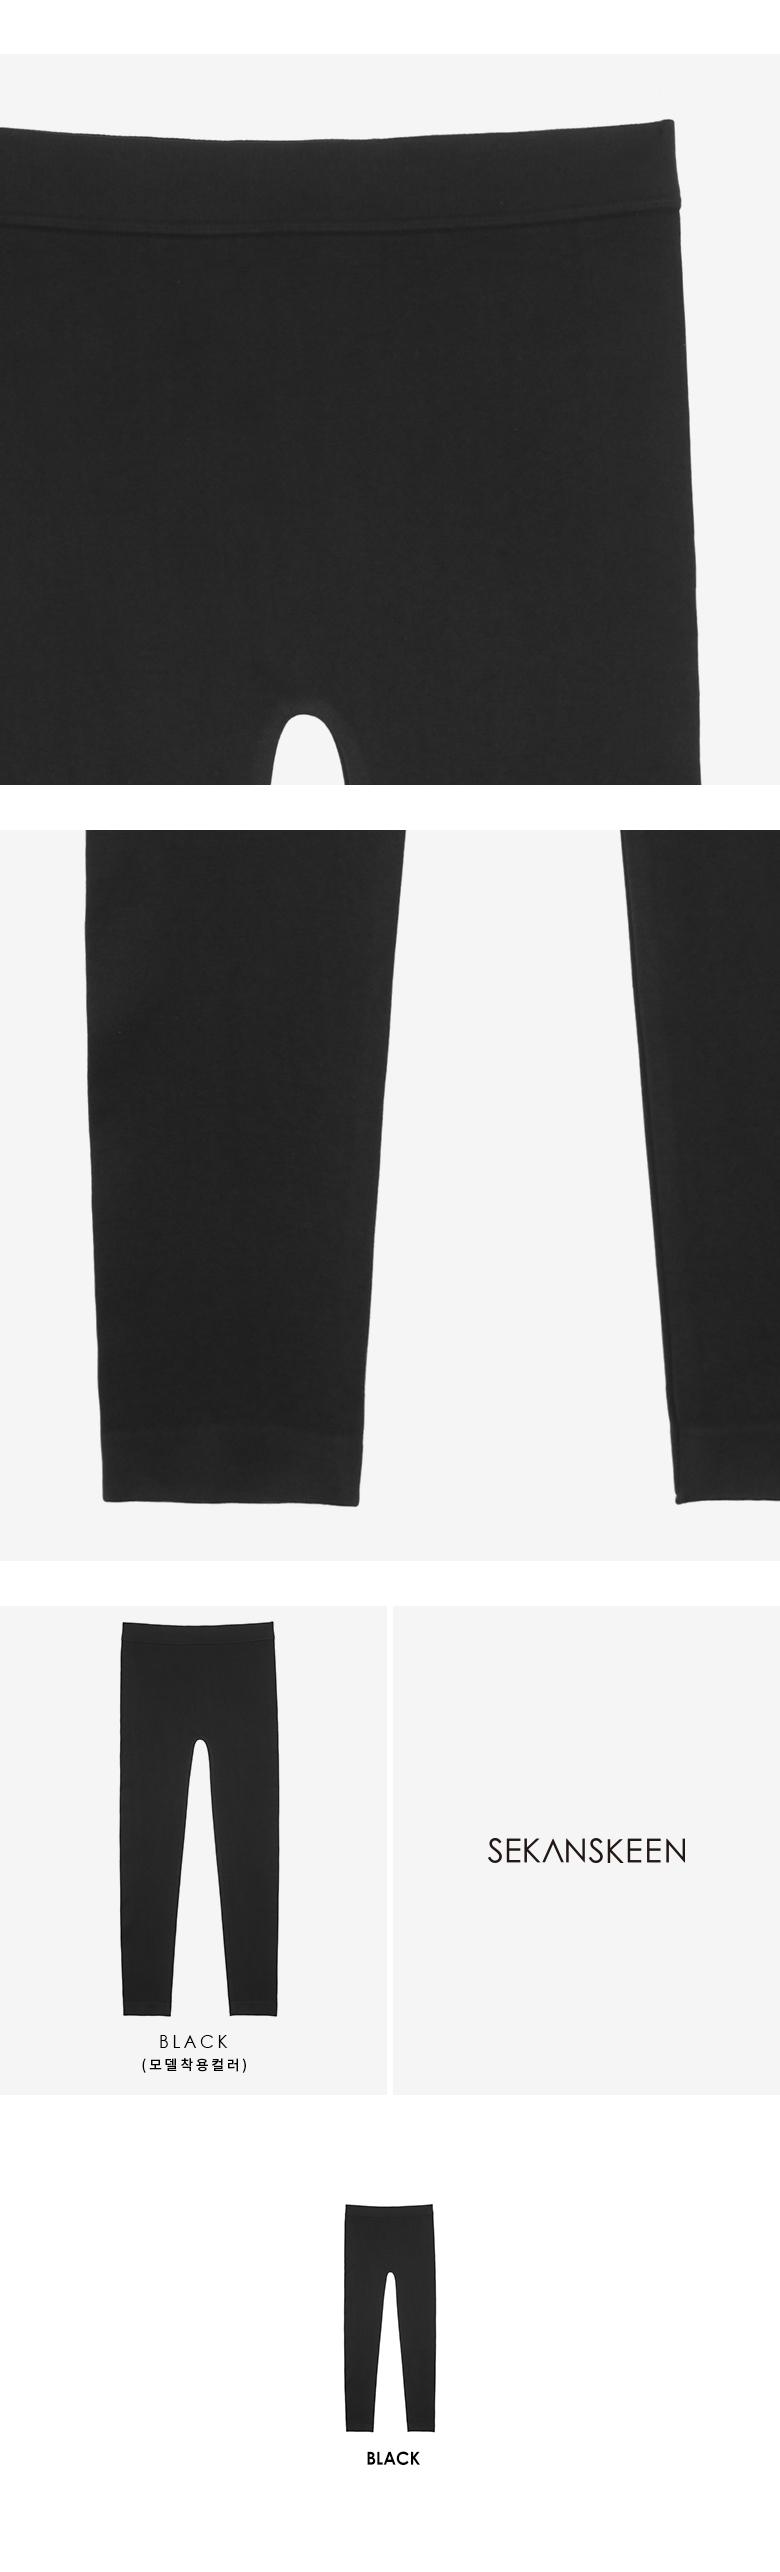 세컨스킨(SEKANSKEEN) [세트상품]new 에센셜 10부 레깅스 2종(BLACK+BLACK) KL1008